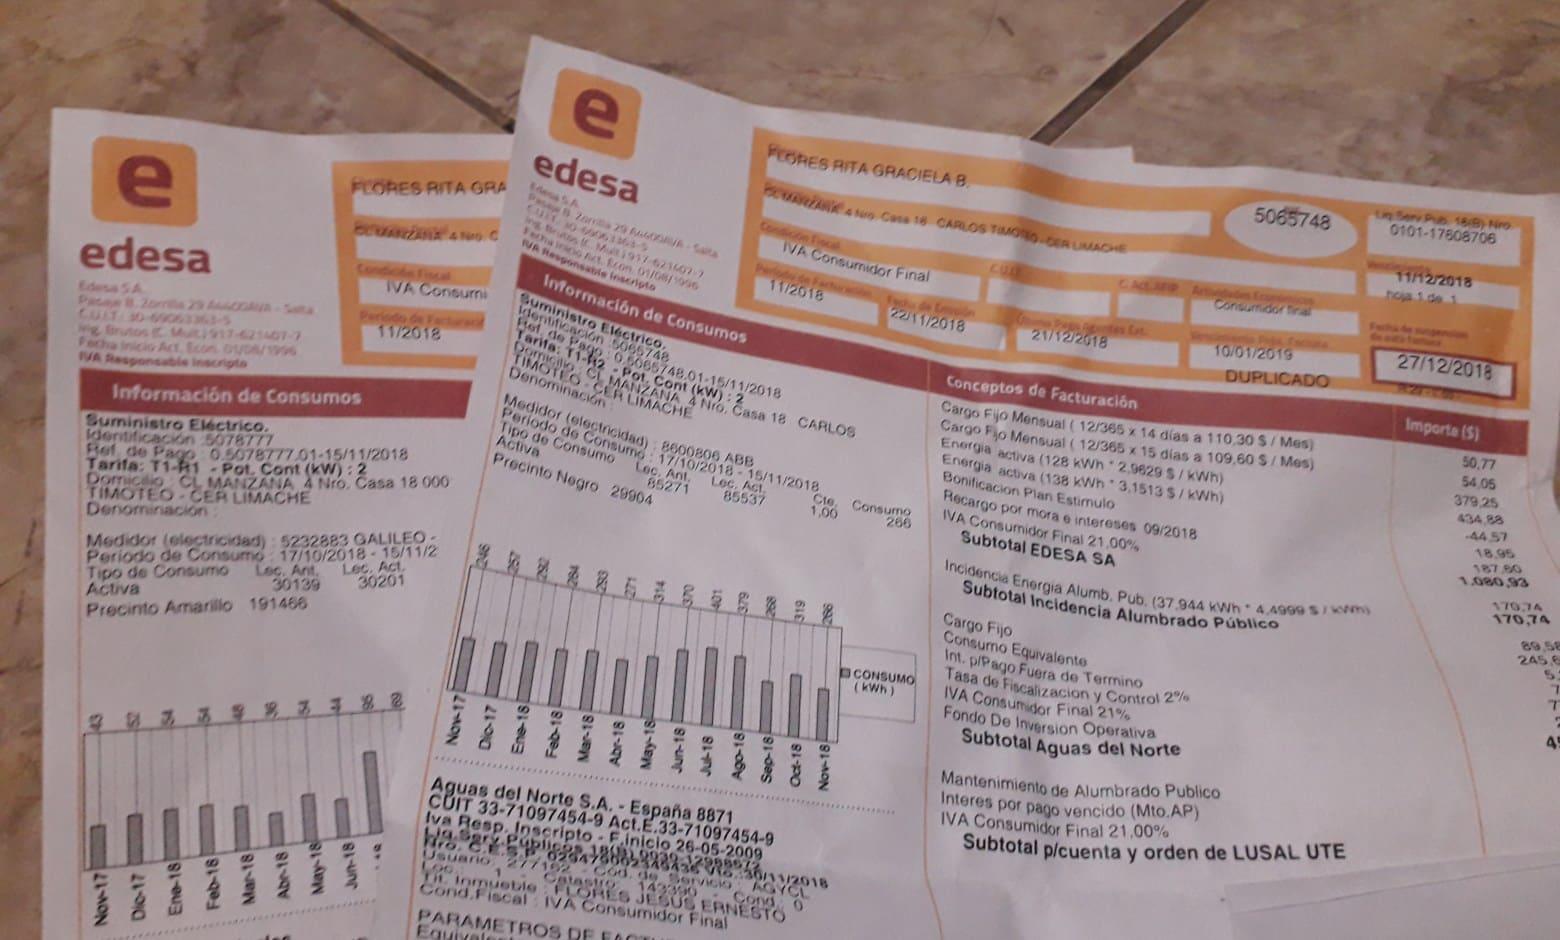 aumento de la tarifa de luz en Salta